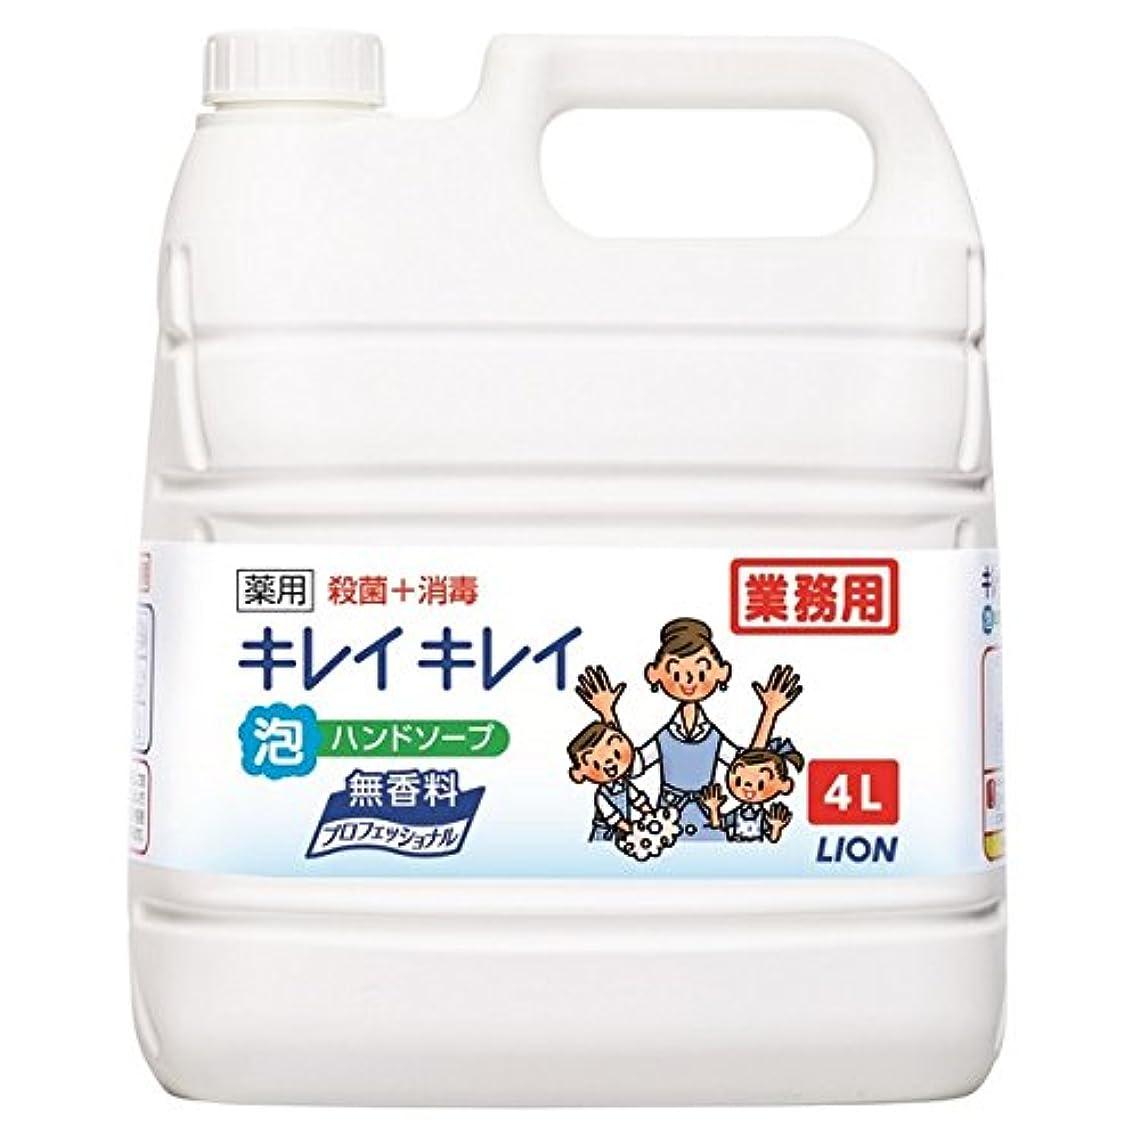 クライアント振る舞う雑草ライオン キレイキレイ薬用泡ハンドソープ 無香料 4L×3本入